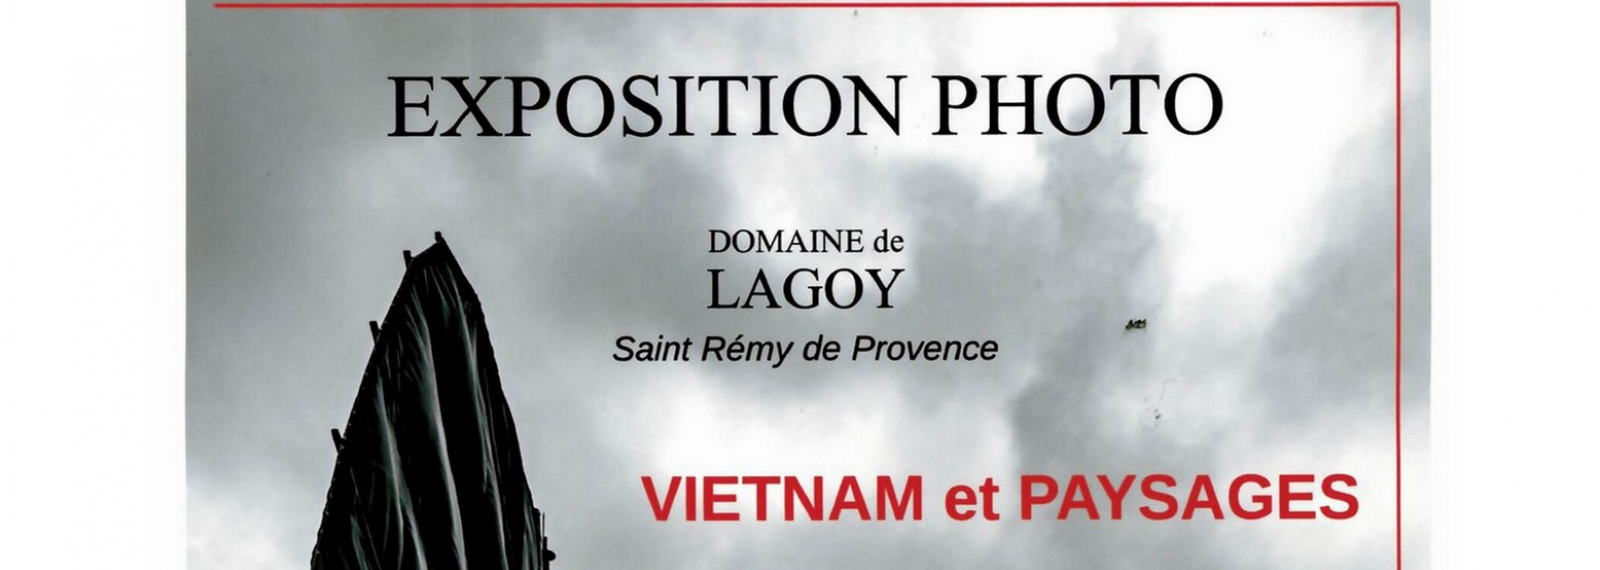 Exposition photo Jean-Marie Collavizza au Domaine de Lagoy